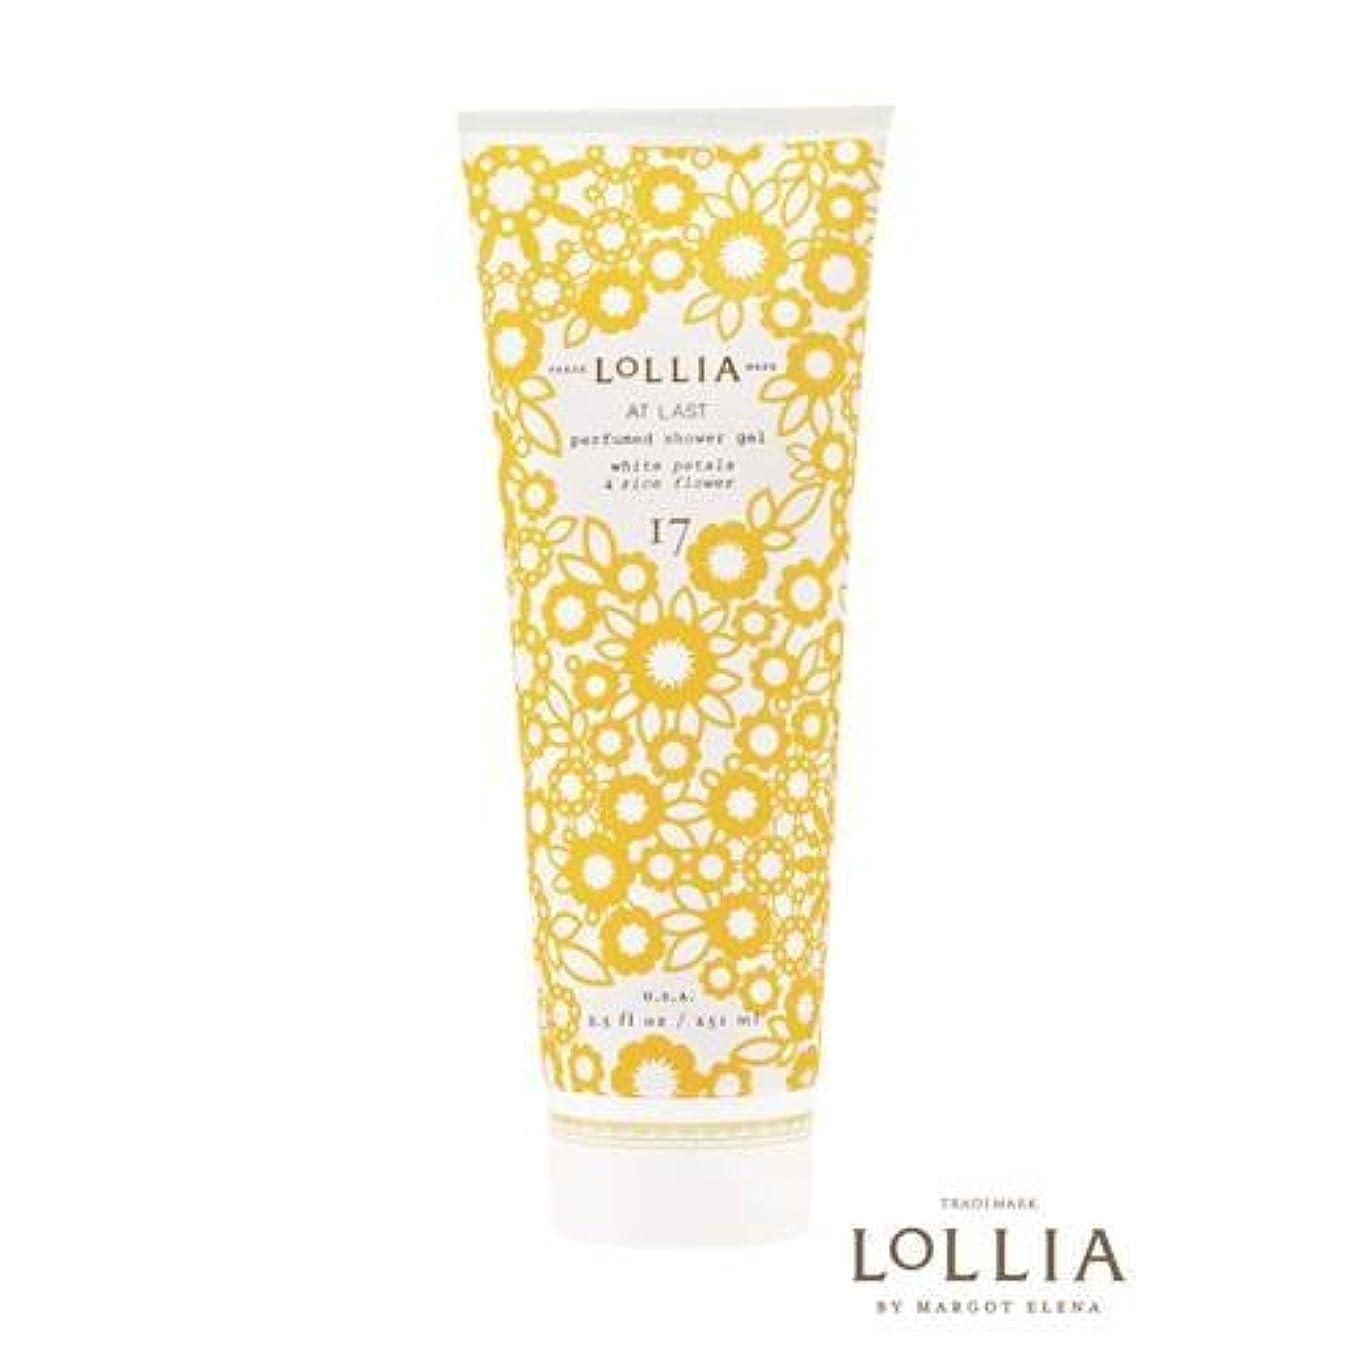 協同コンテストボイラーロリア(LoLLIA) パフュームドシャワージェル AtLast 251ml(全身用洗浄料 ボディーソープ ライスフラワー、マグノリアとミモザの柔らかな花々の香り)